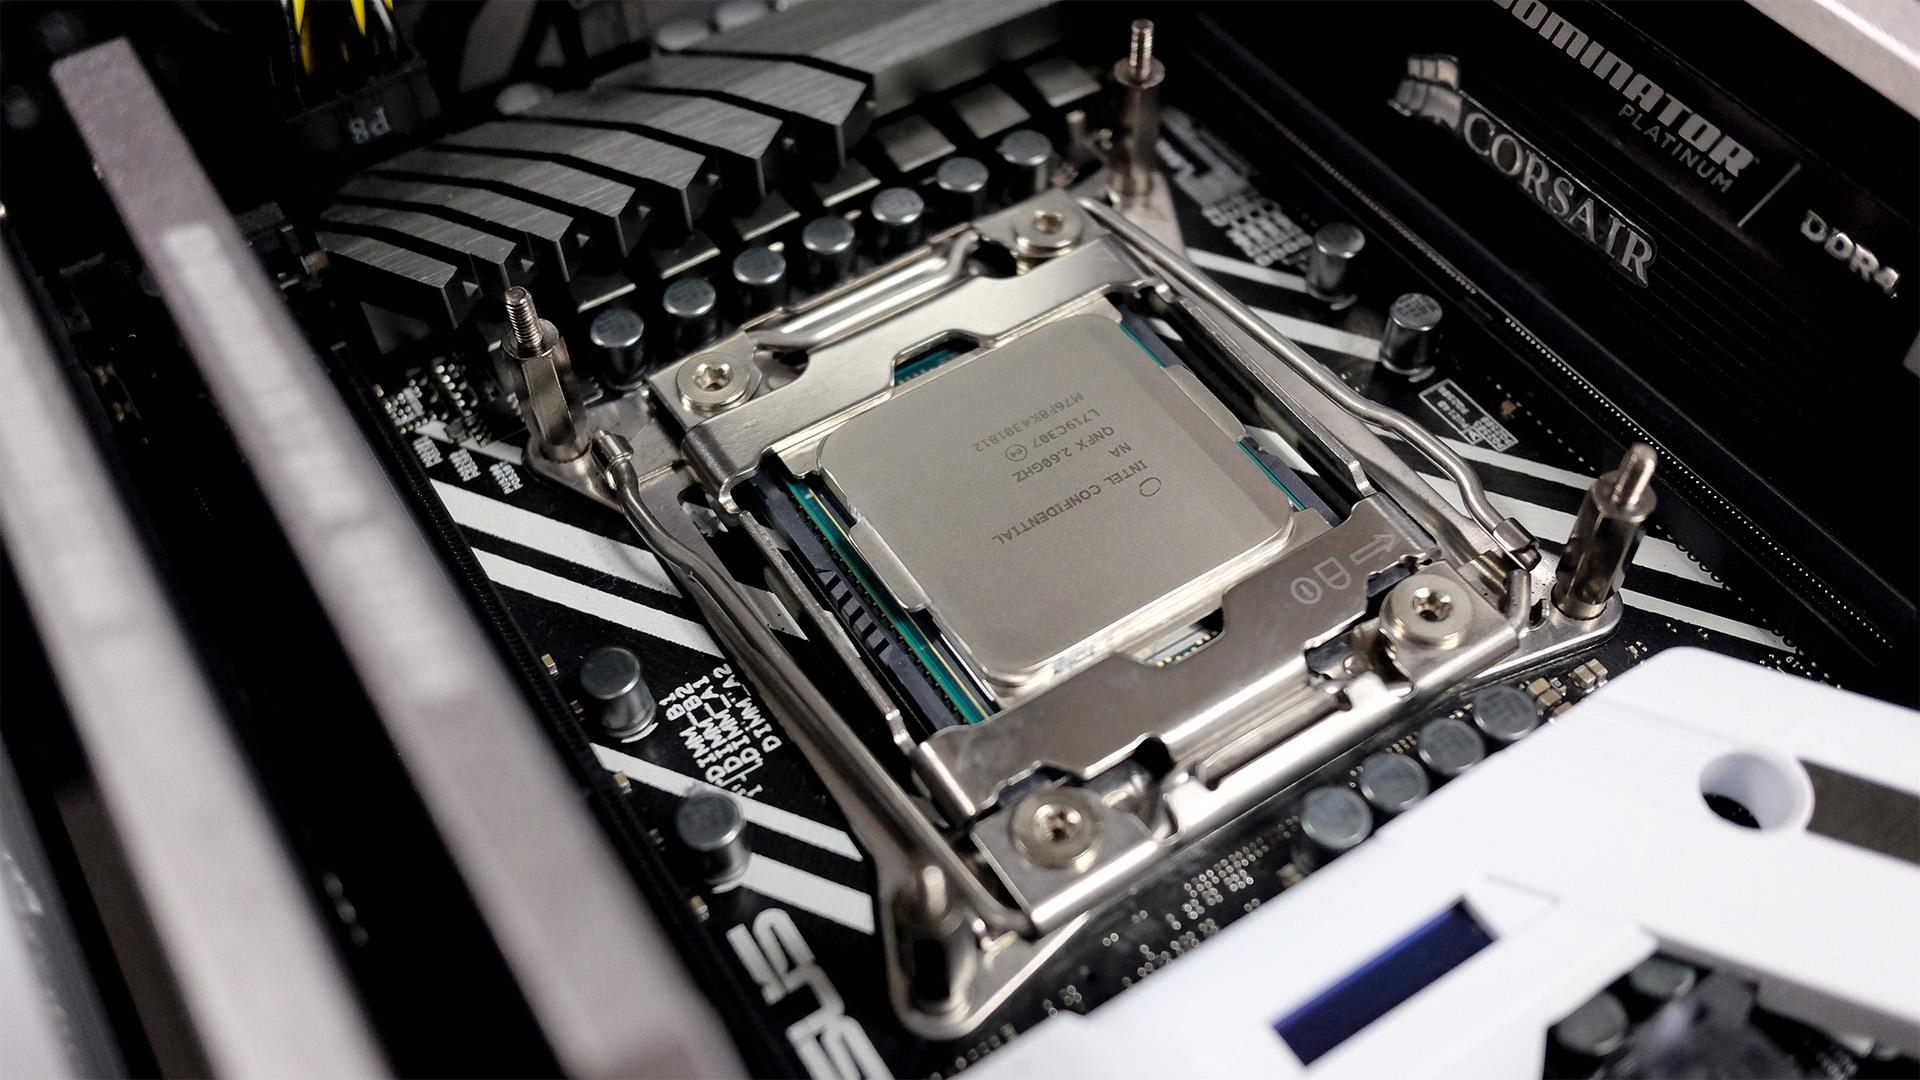 [Computex 2018] Intel bật mí về CPU với 28 nhân, 56 luồng, dự kiến ra mắt cuối năm nay